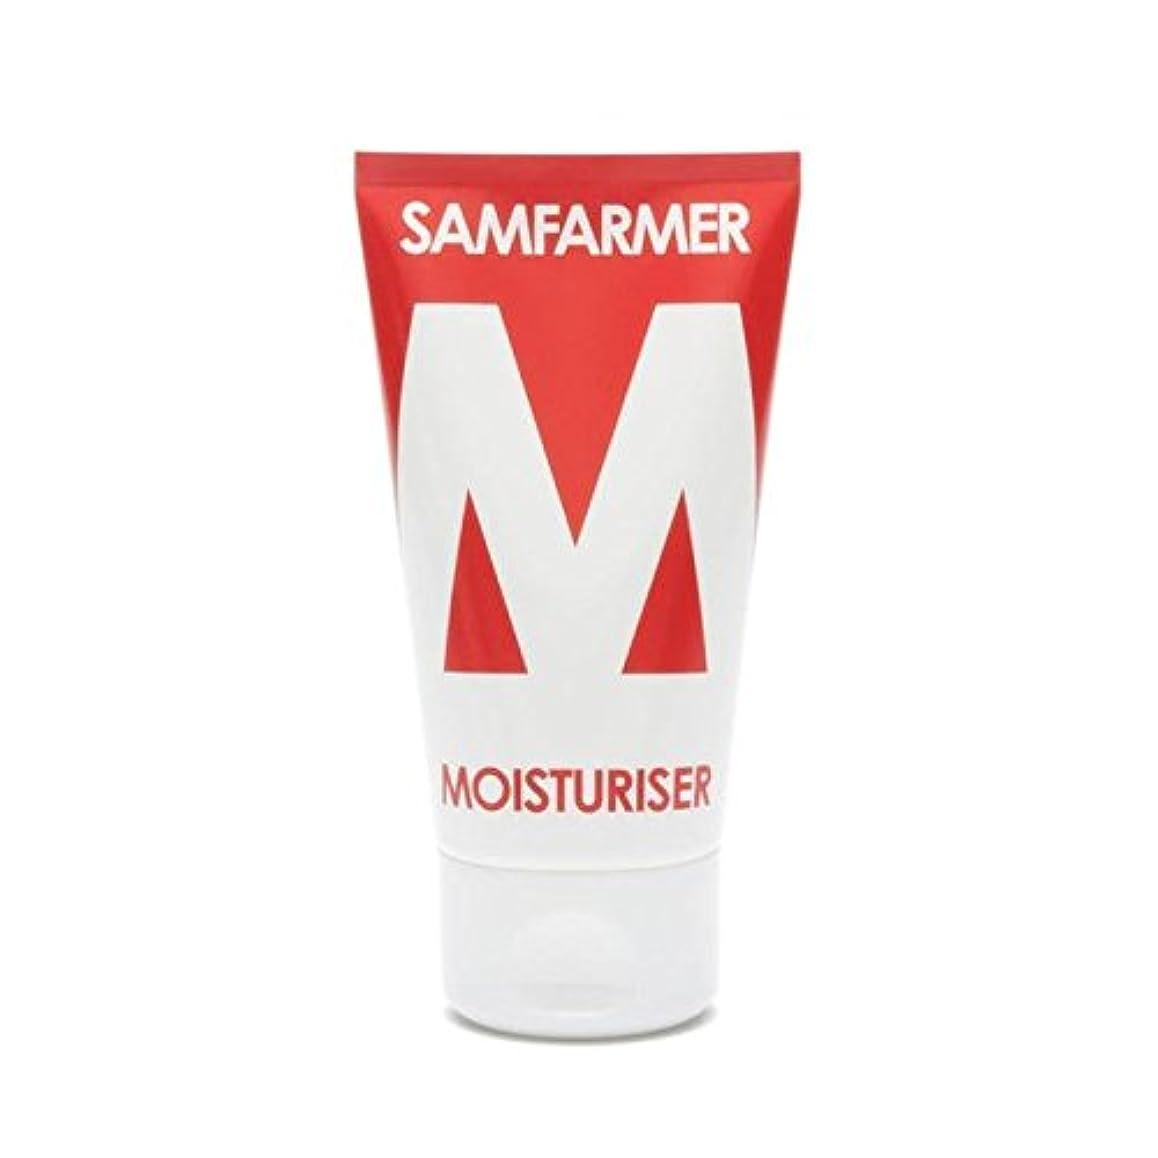 硬さ旅行者ギャンブルSAMFARMER Unisex Moisturiser 50ml (Pack of 6) - ユニセックス保湿50ミリリットル x6 [並行輸入品]